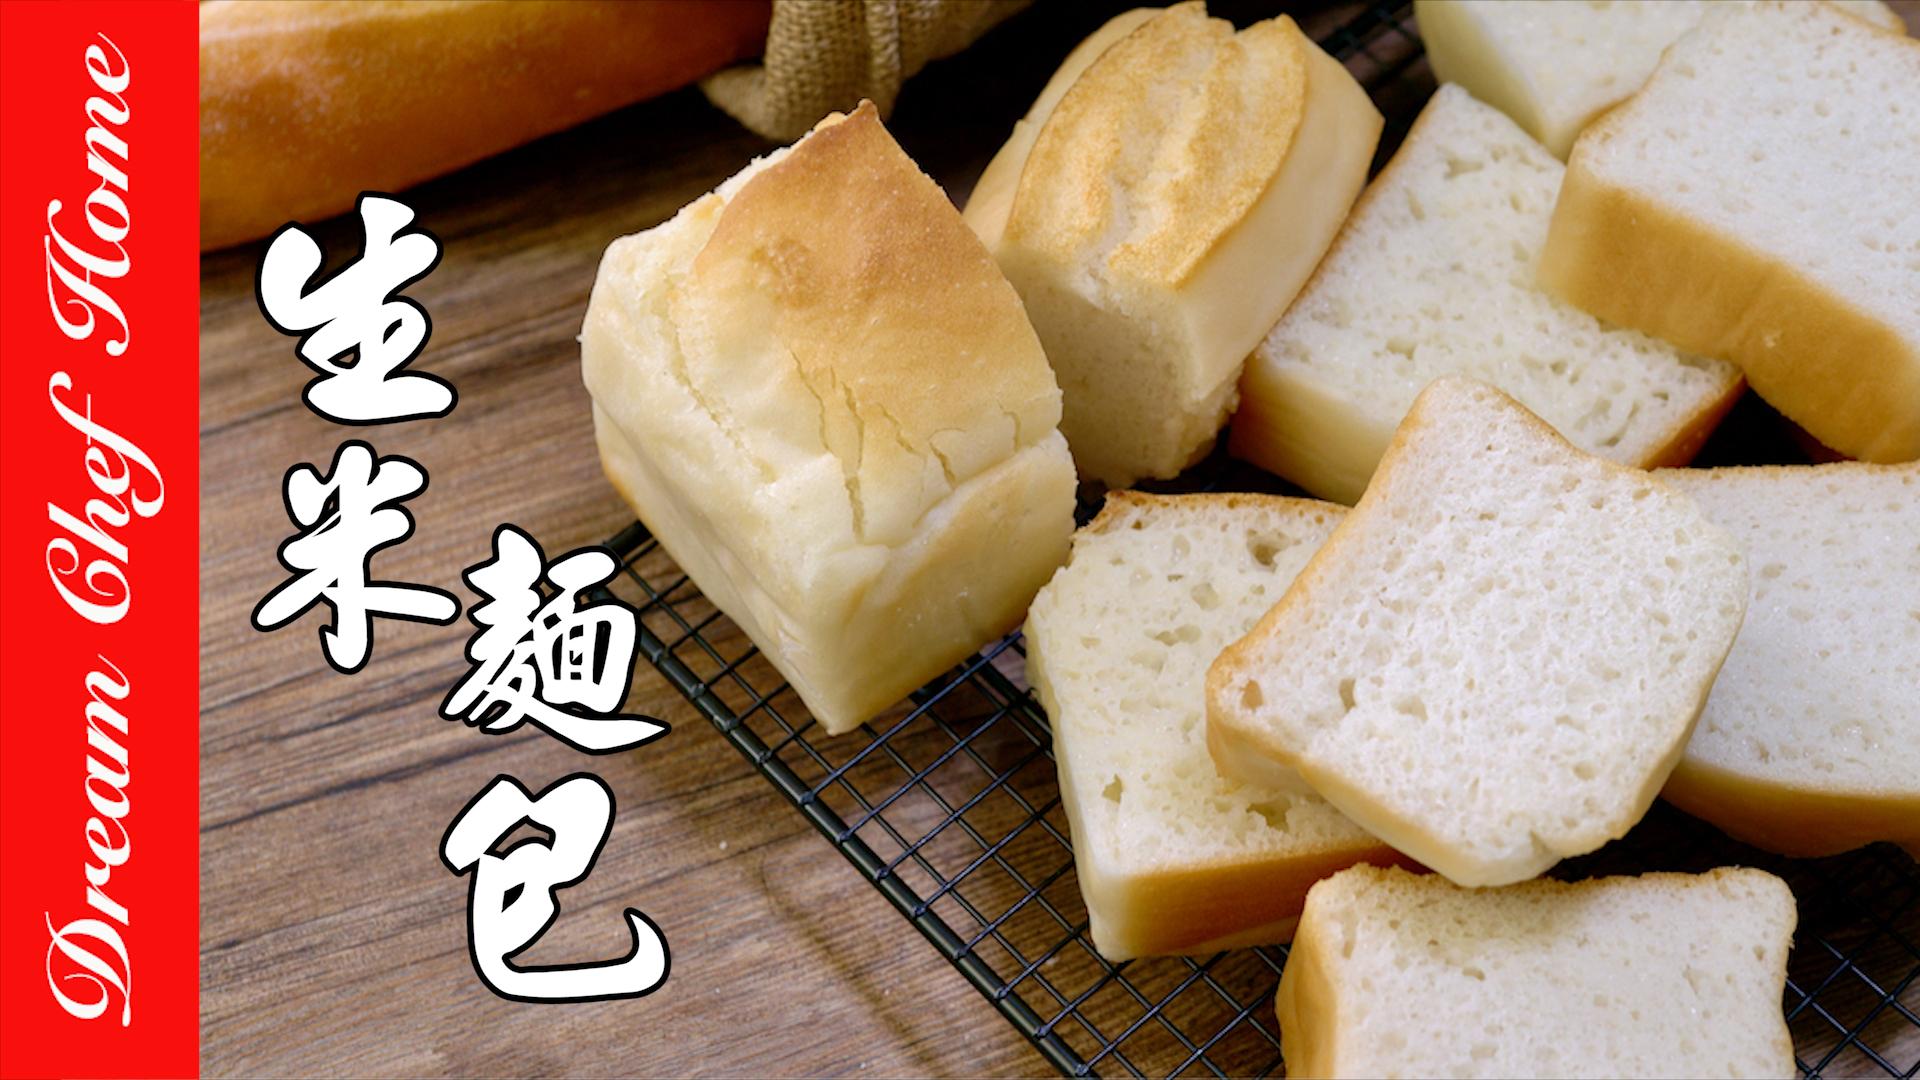 100%純生米做麵包,不思議鬆軟口感!無麩質必學100% Rice Bread